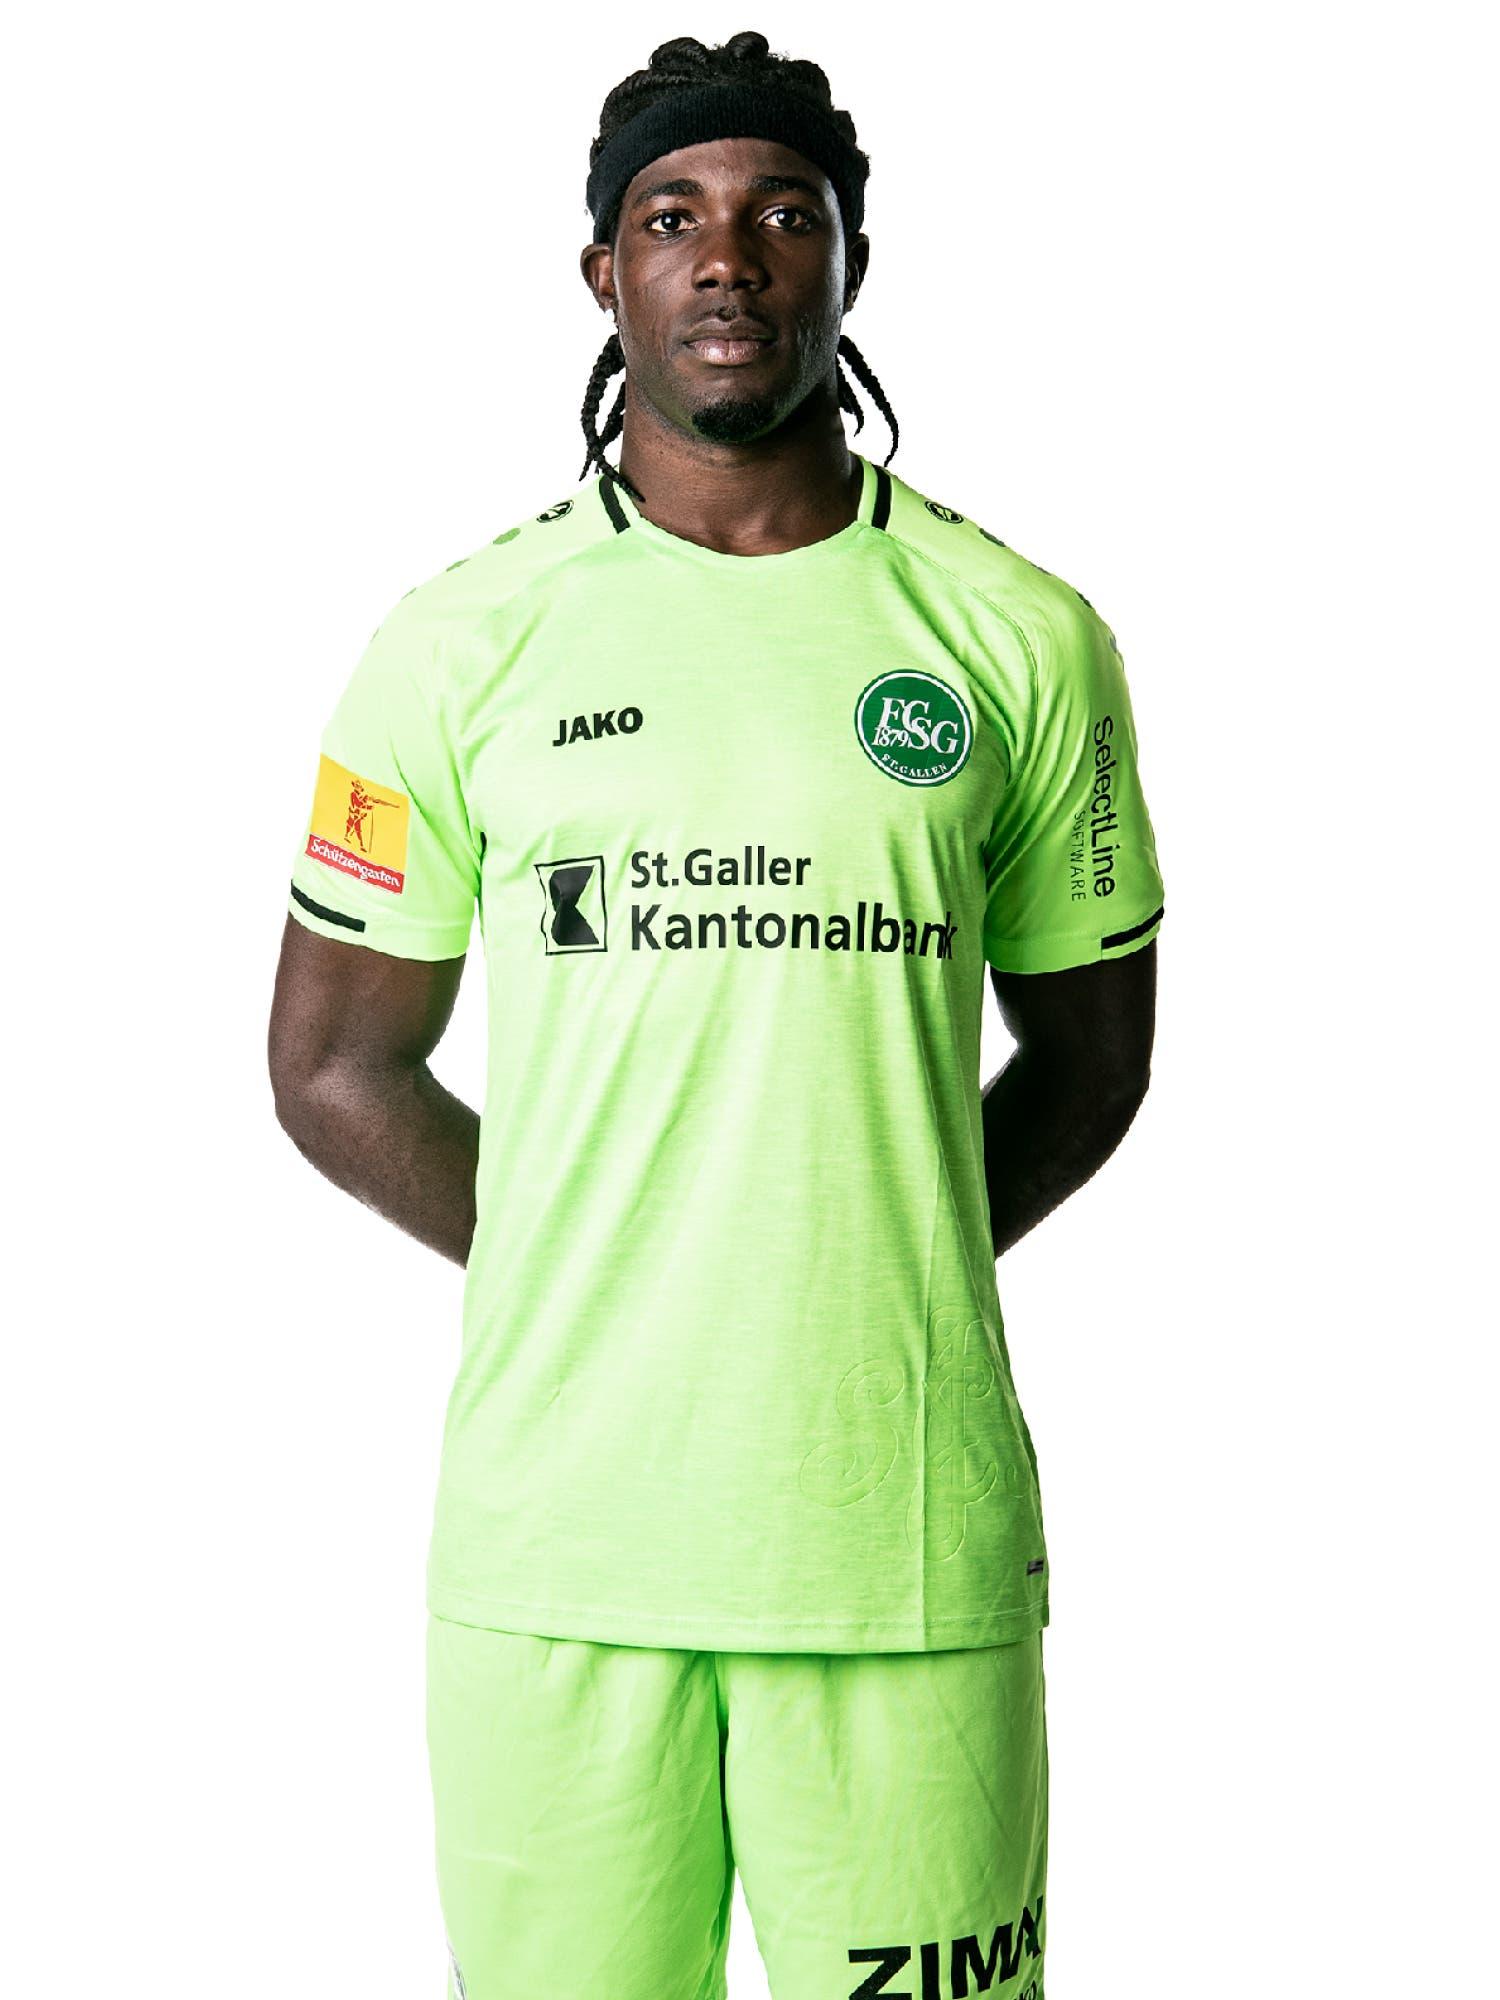 Lawrence Ati Zigi: Note 3,5. Der Ghanaer verschuldet den Foulpenalty, der zum 0:1 führt. Mit einer Glanzparade bewahrt Zigi sein Team aber vor dem 0:2.